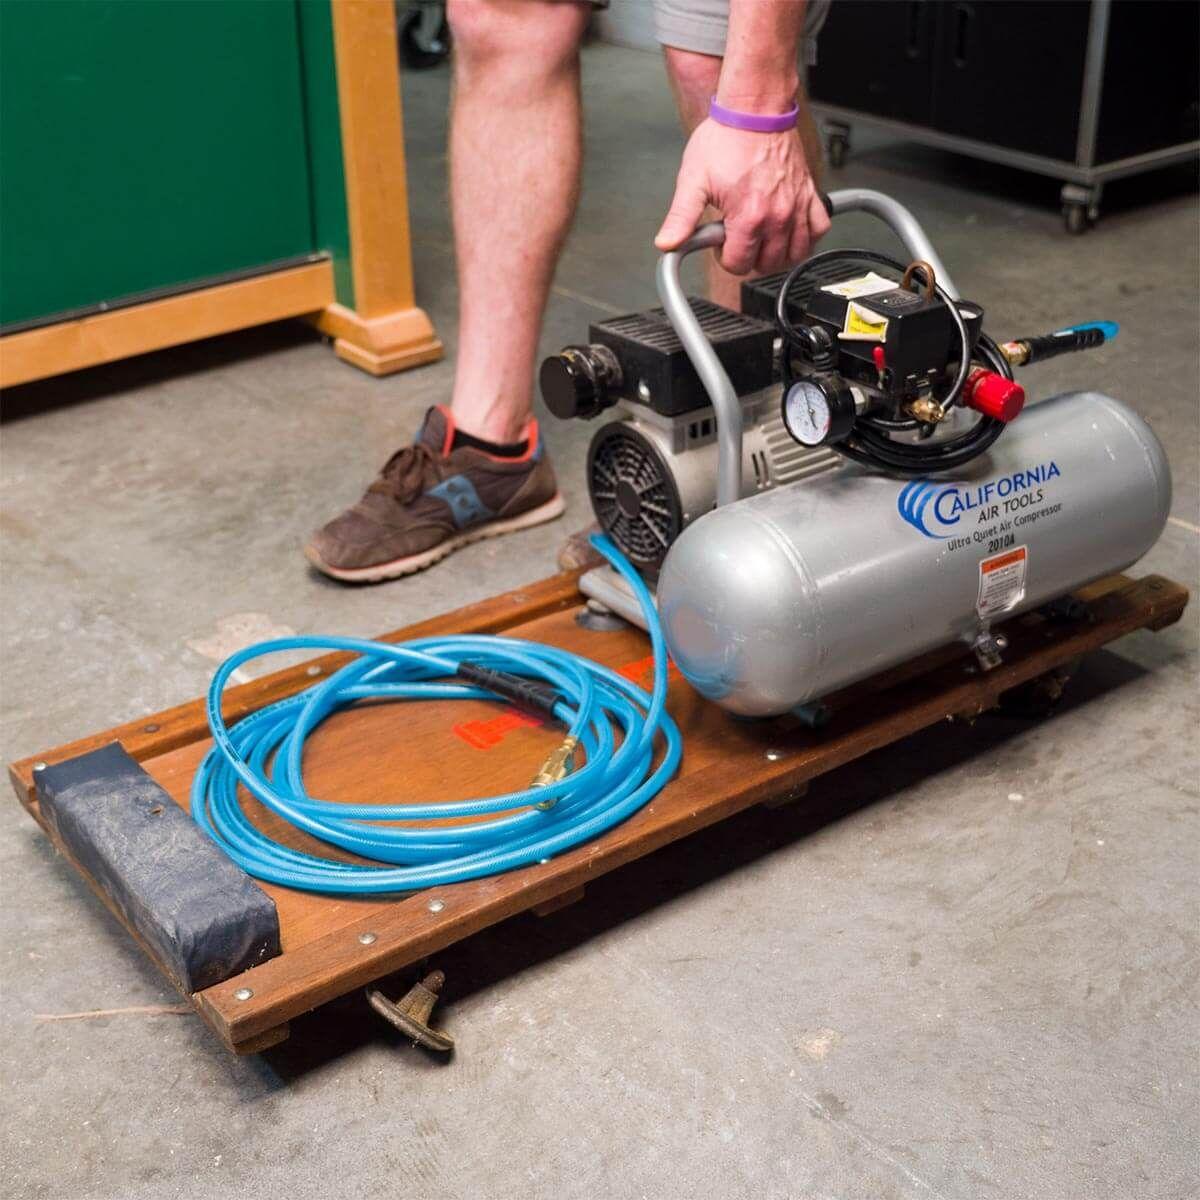 Compressor Creeper Air compressor, Air tools, Garage